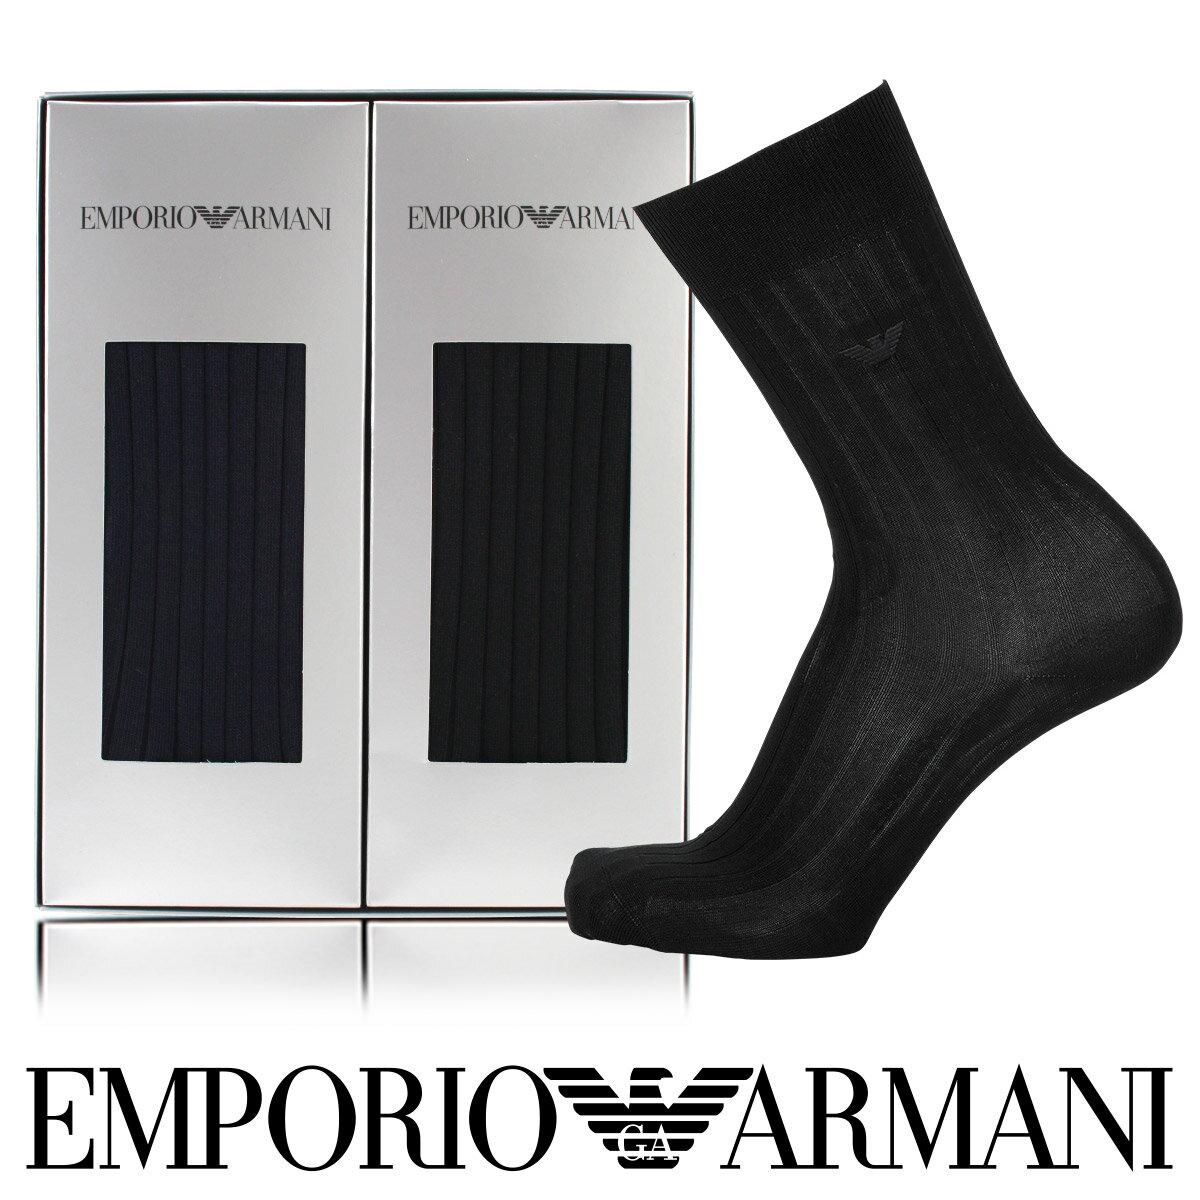 【送料無料】EMPORIO ARMANI ( エンポリオ アルマーニ ) メンズ ソックス オールシーズン用 靴下 Dress リブ クルー丈 ソックス ブランド靴下2足組ギフトセット男性 メンズ プレゼント 父の日 ギフトEA-2Pポイント10倍